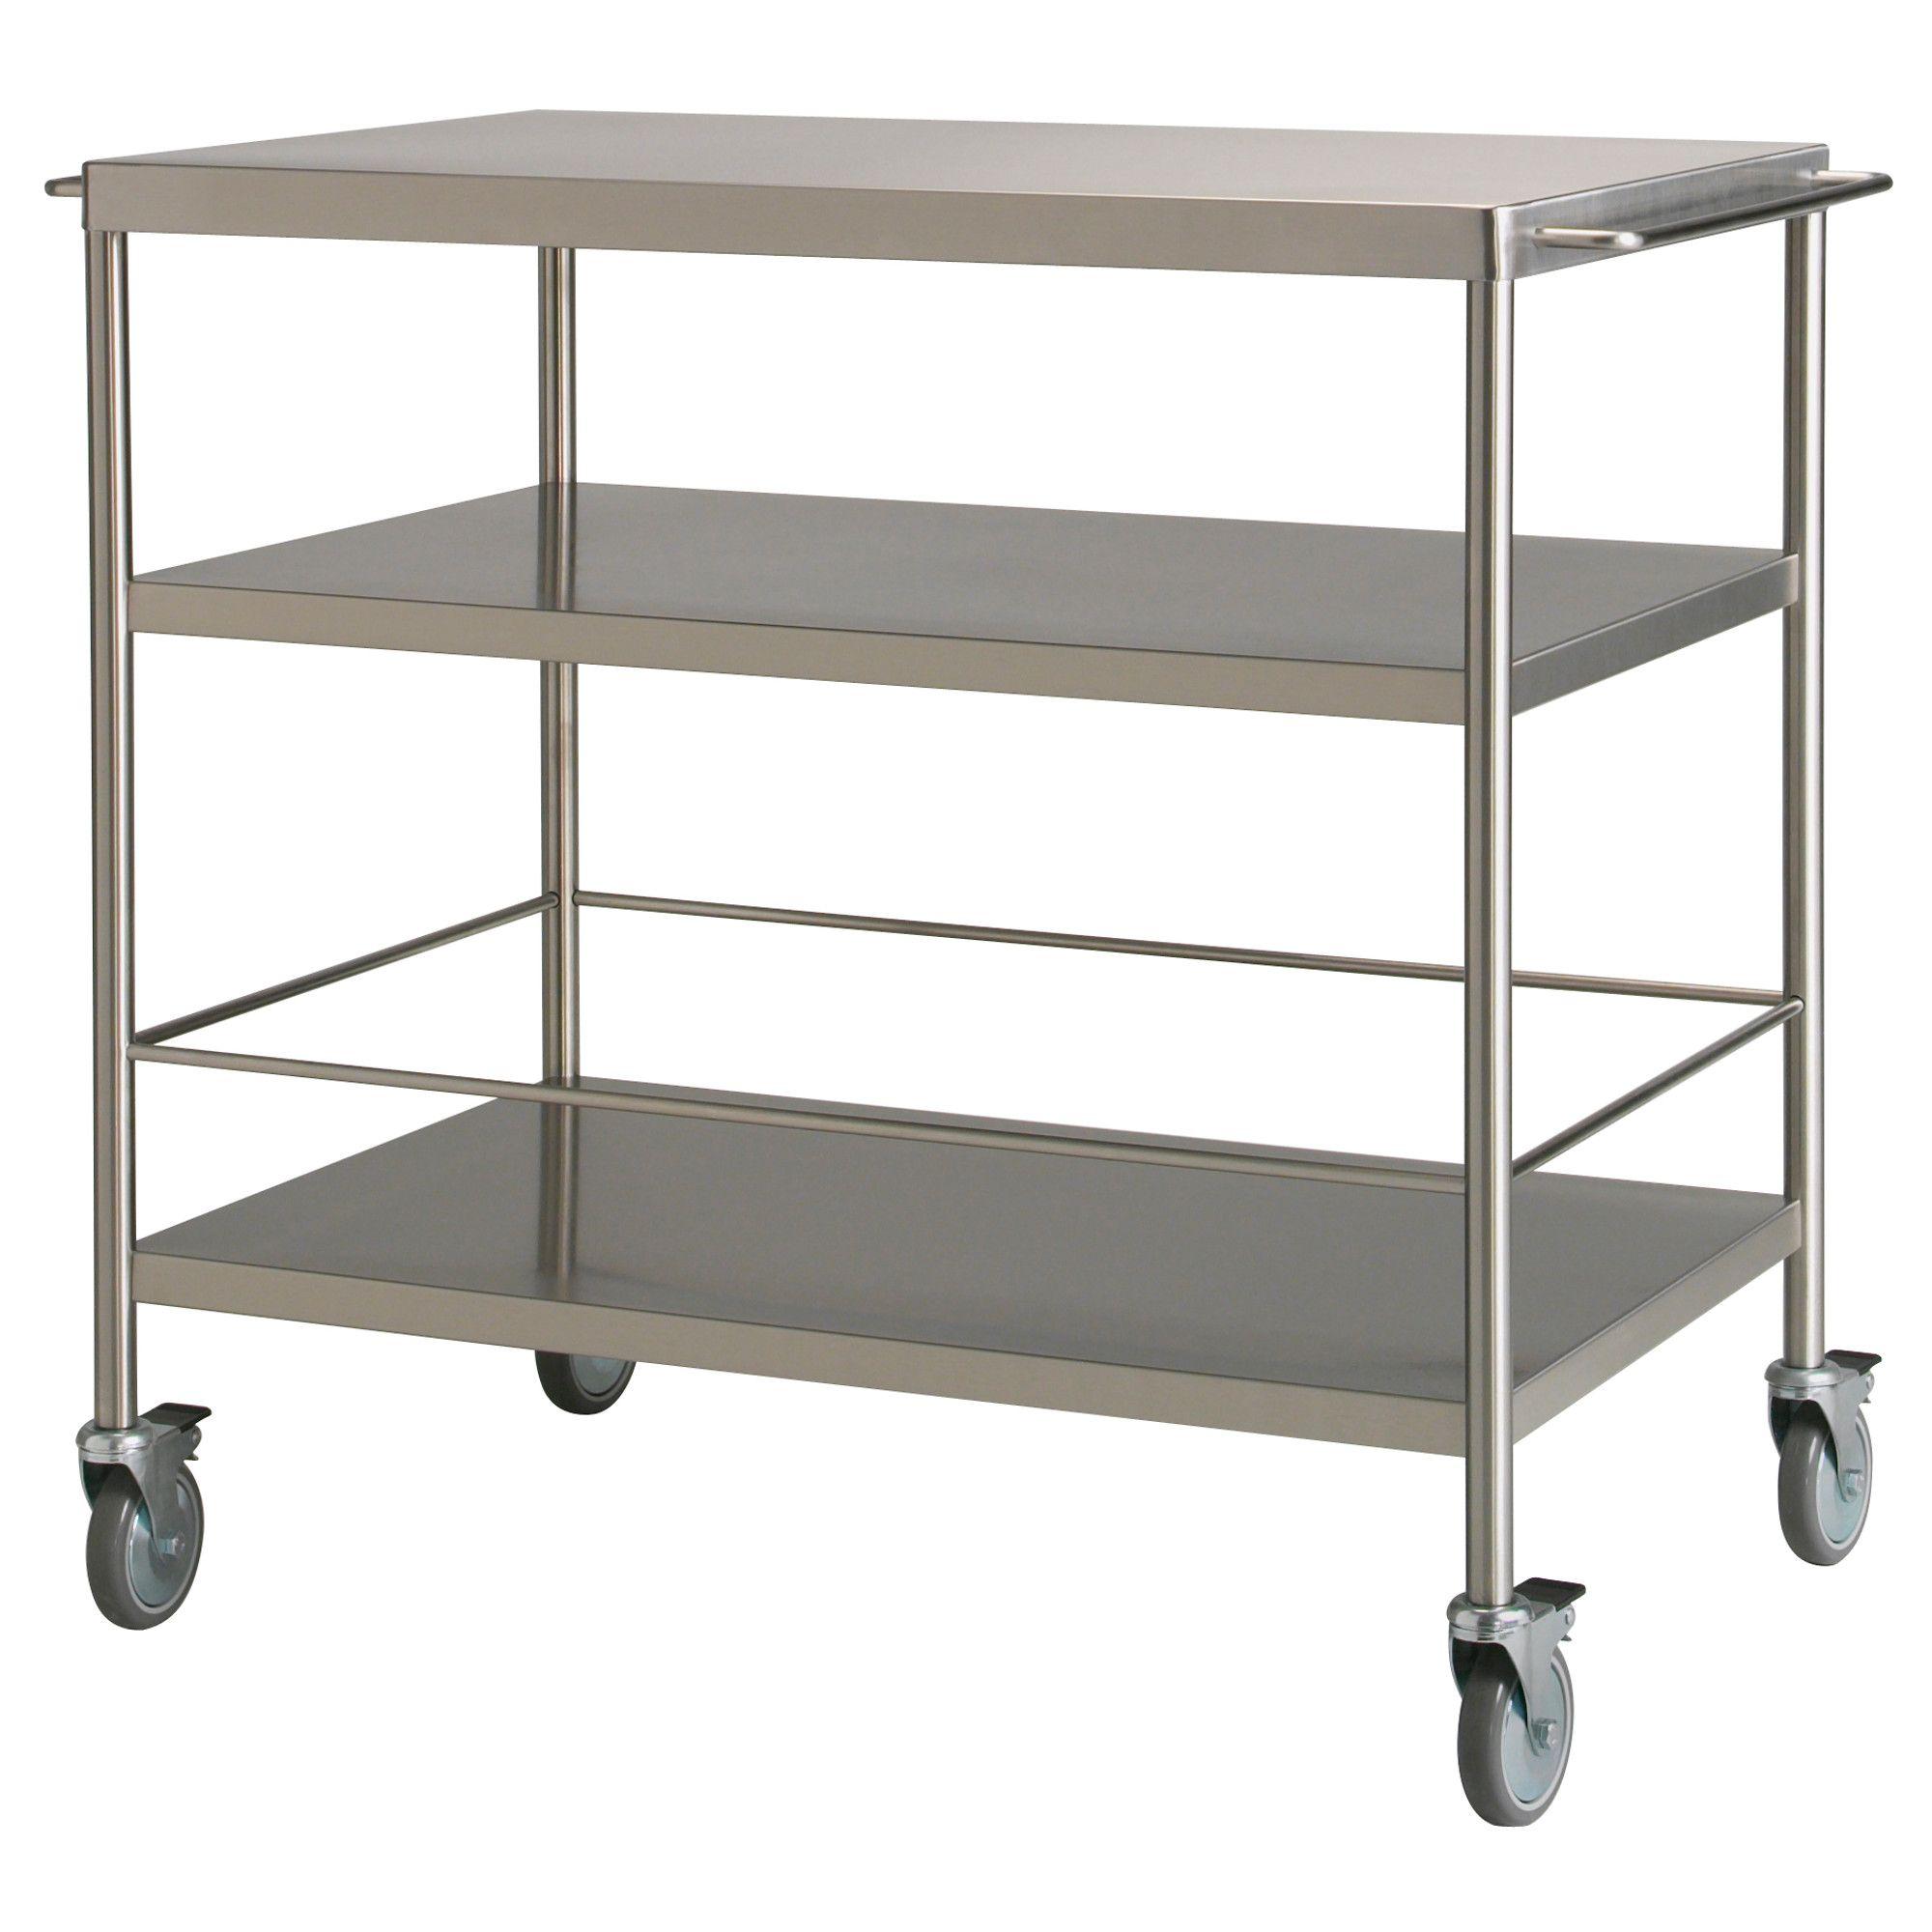 Flytta Kitchen Cart Stainless Steel 38 5 8x22 1 2 Ikea